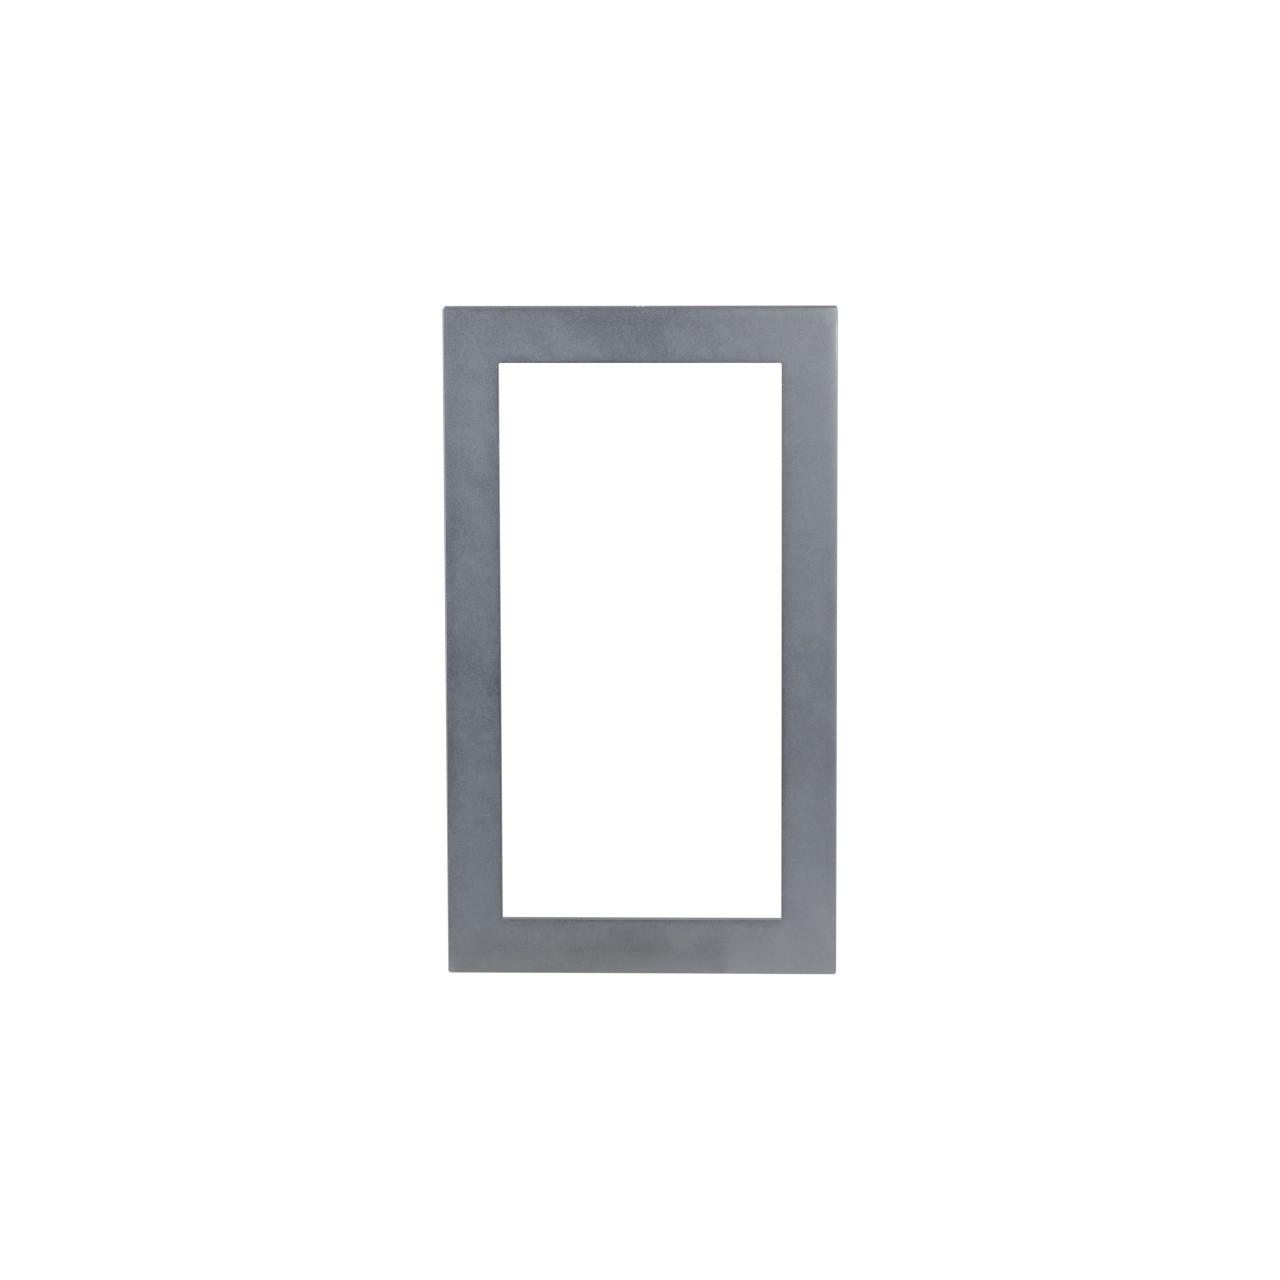 TURM IP Video Türsprechanlage Modulrahmen für zwei Module